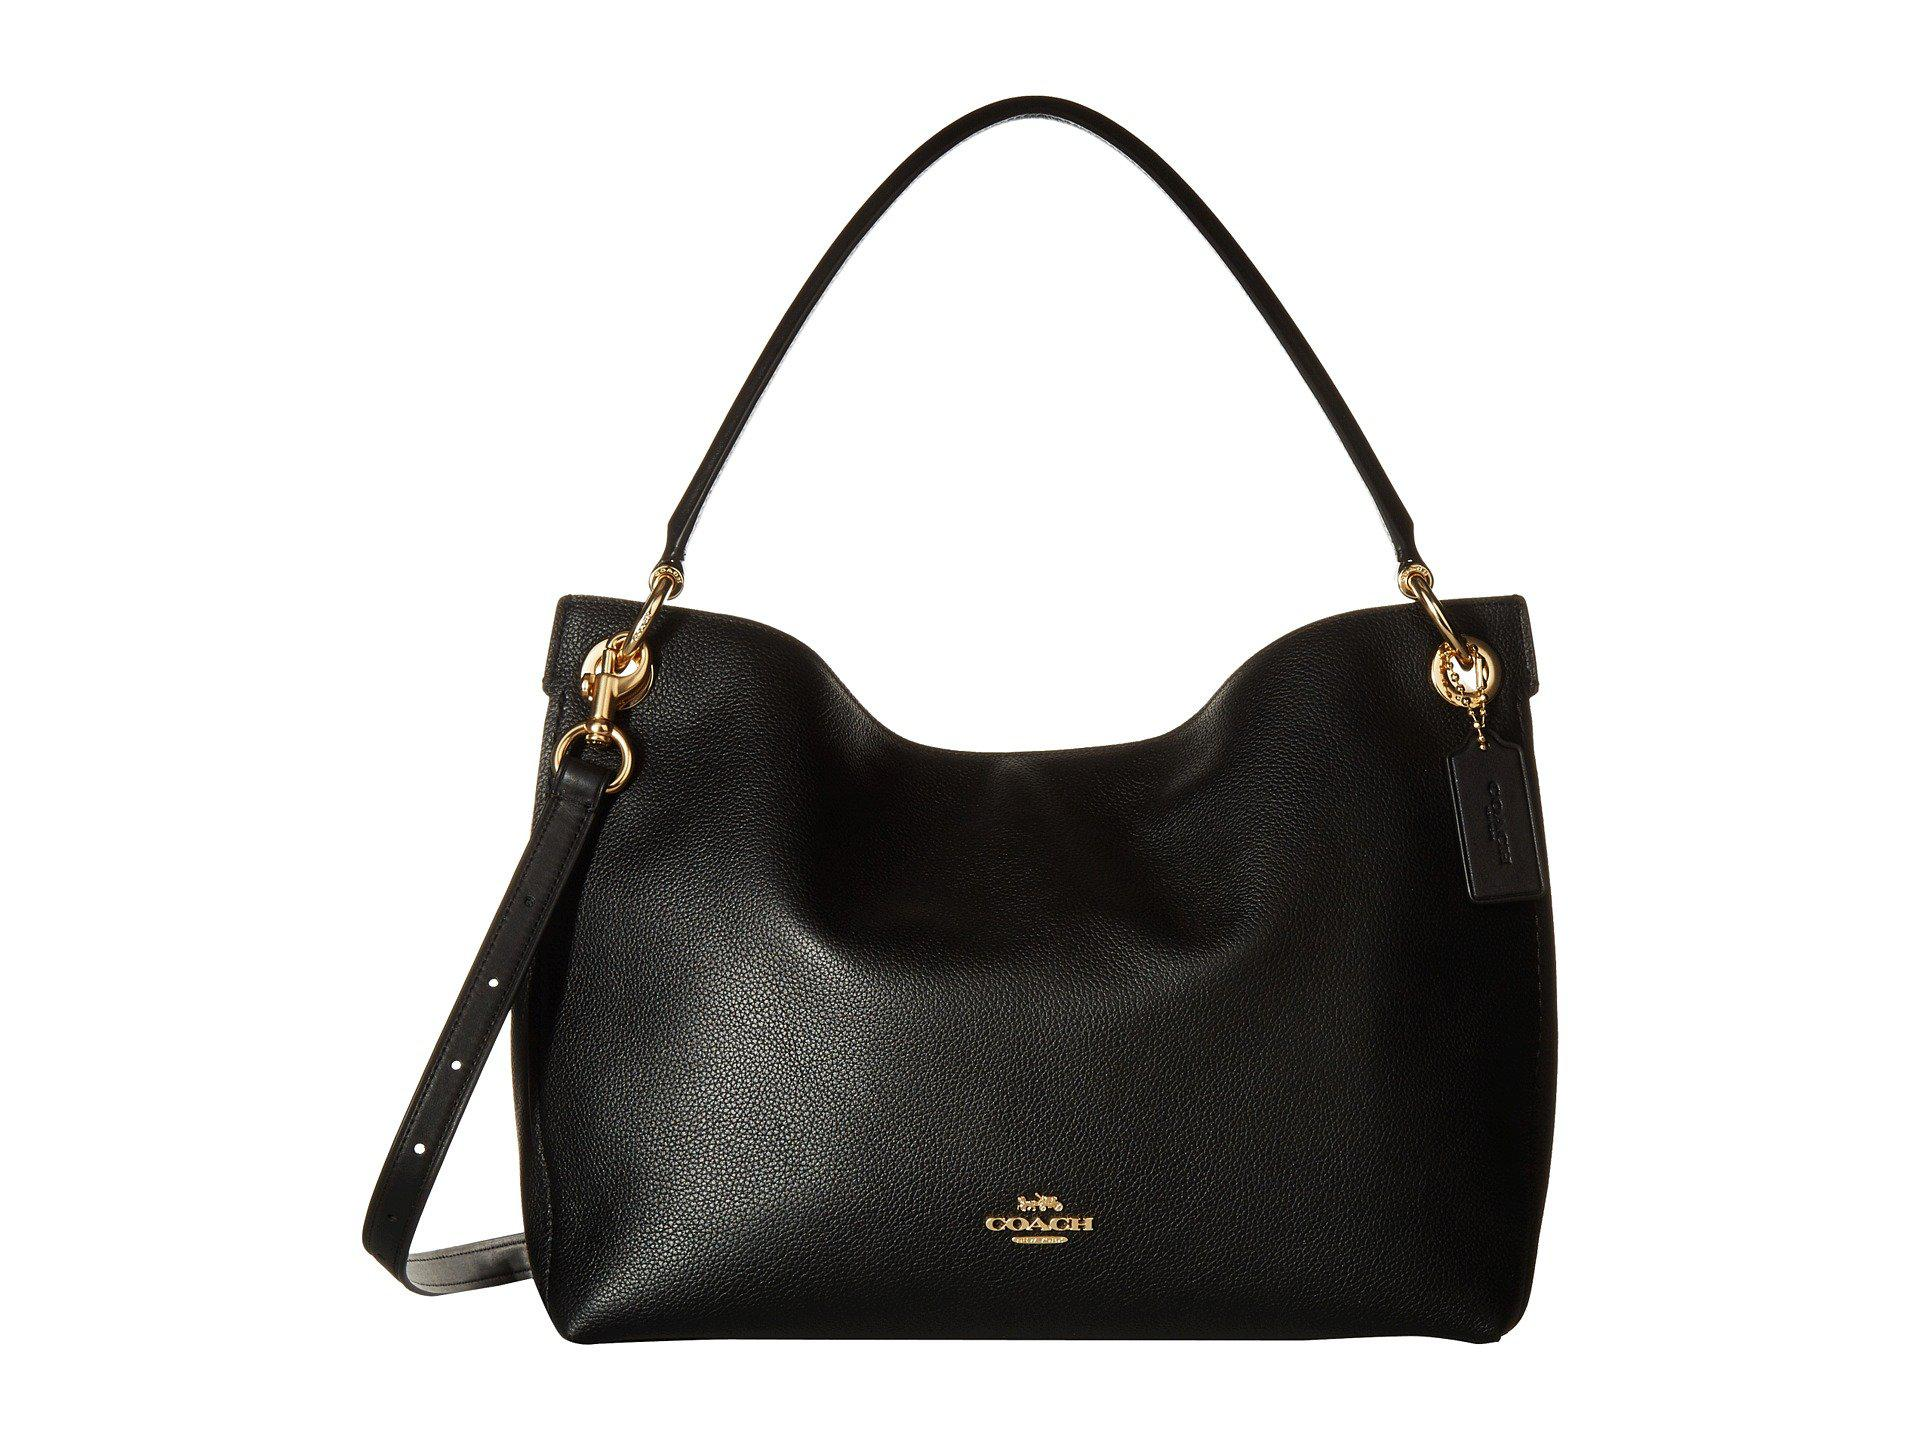 010a2e9aa02 coach-LIBlack-Polished-Pebble-Leather-Clarkson-Hobo-liblack-Handbags.jpeg